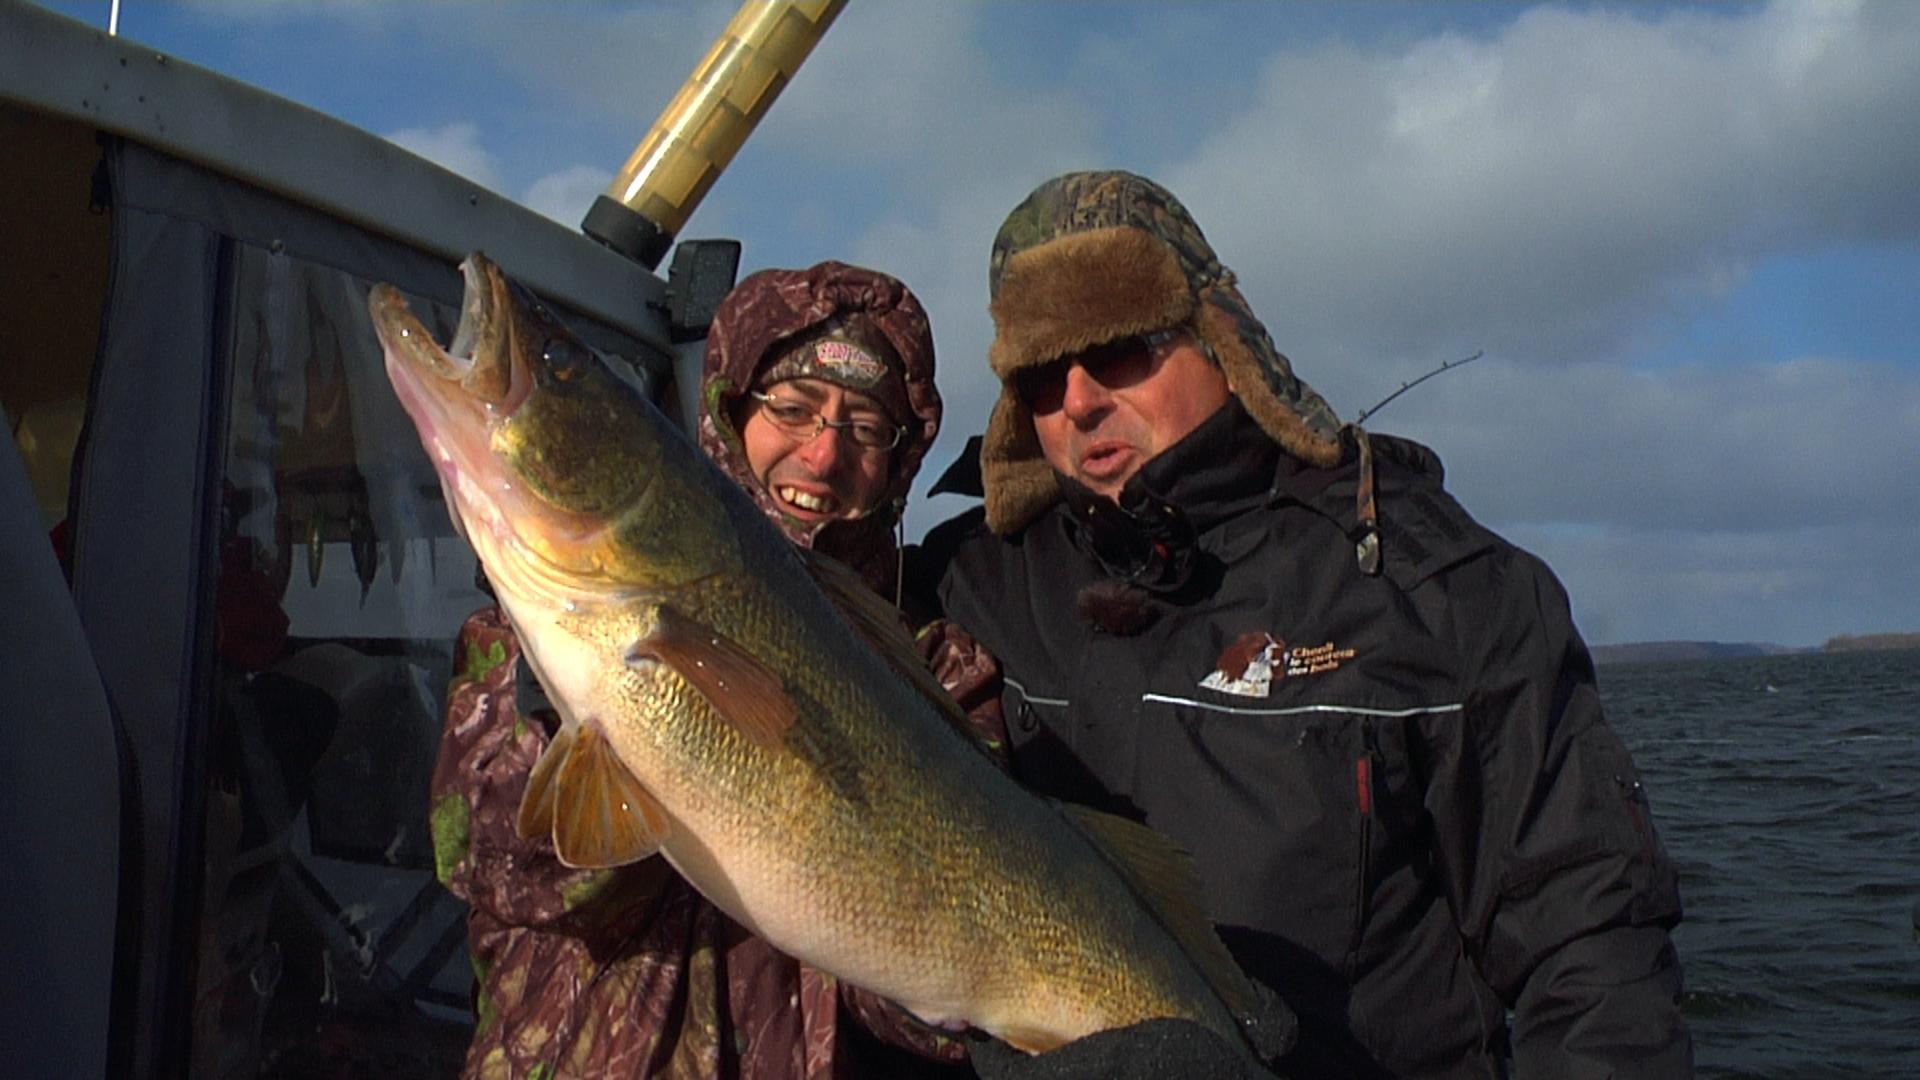 La pêche comme attraper un grand poisson